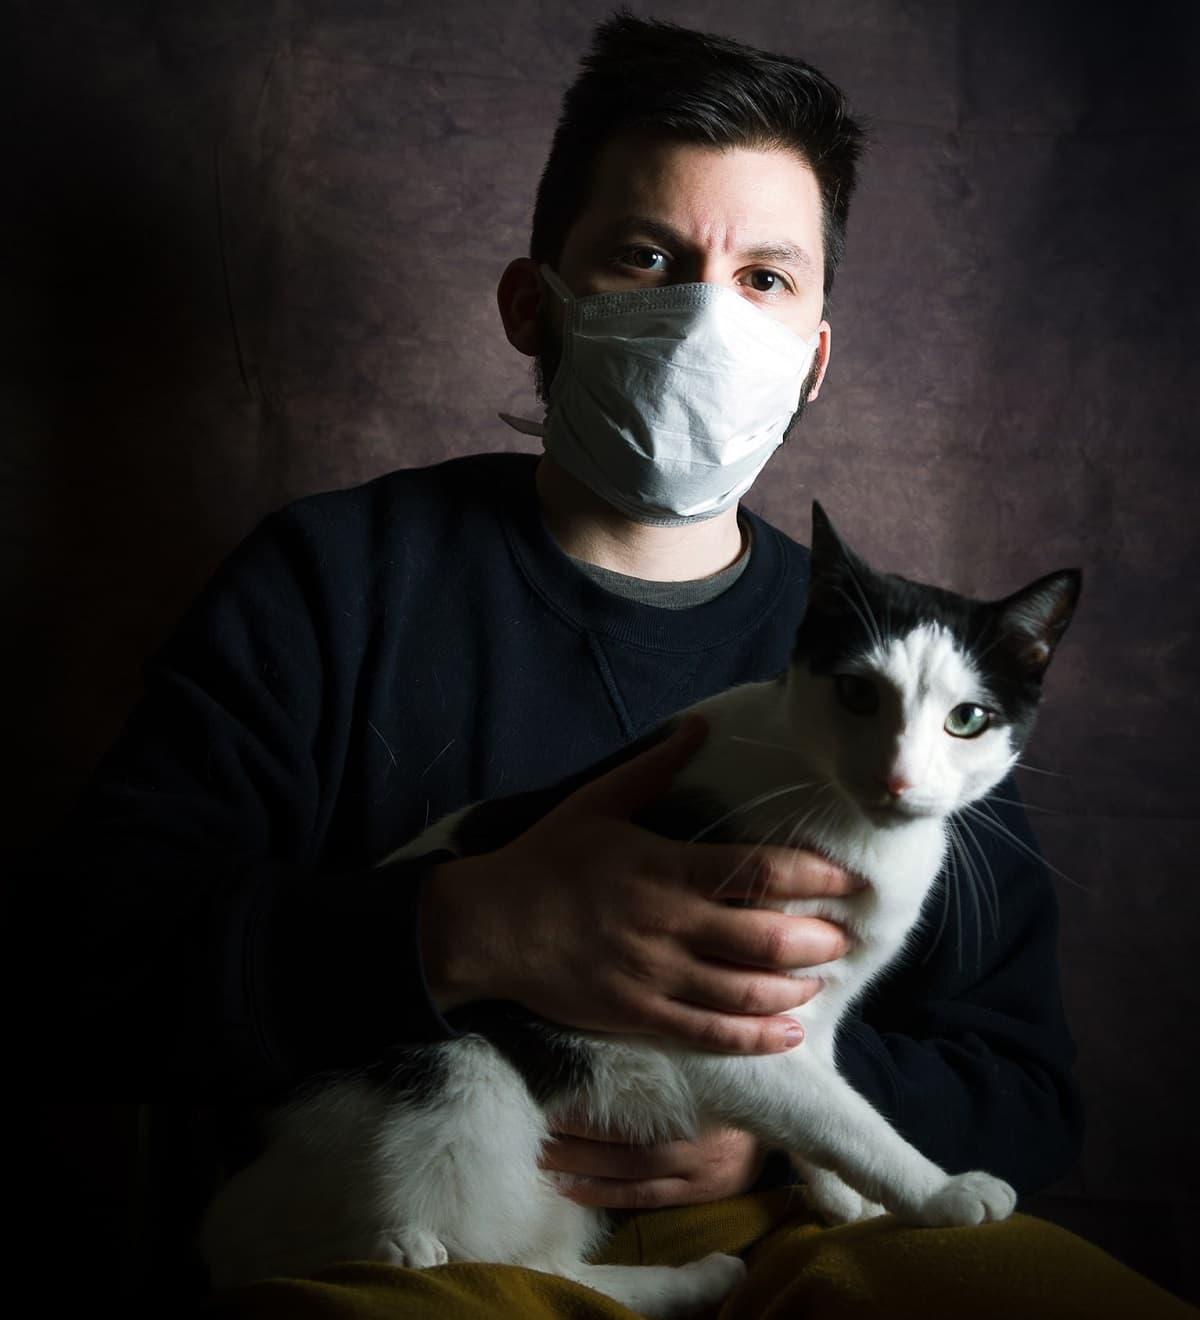 Un hombre con mascarilla y gato